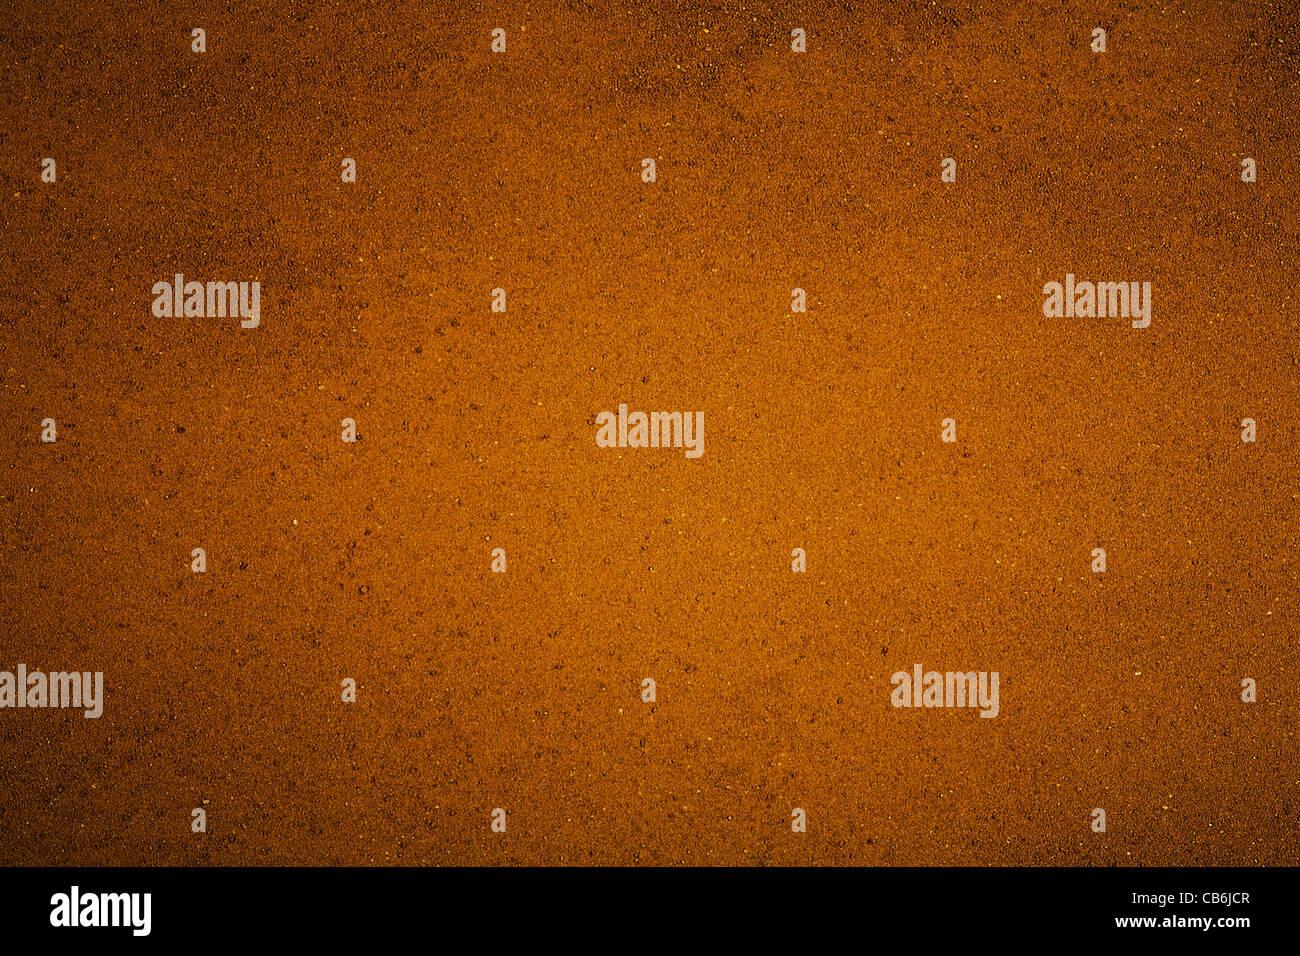 Wet Sand - Background - Stock Image